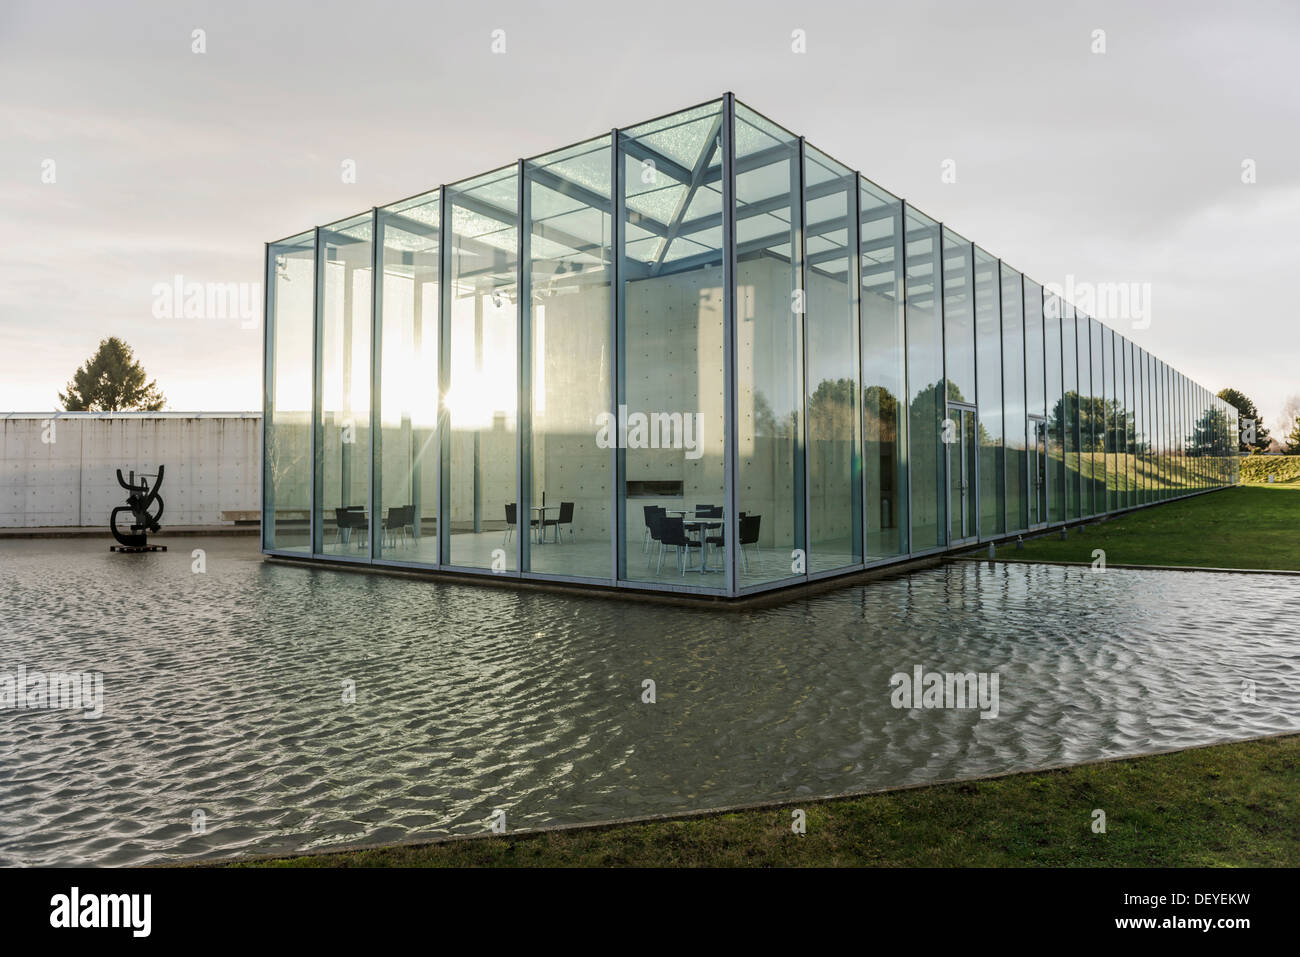 Architekt Neuss langen foundation kunstmuseum und stiftung auf dem gelände einer